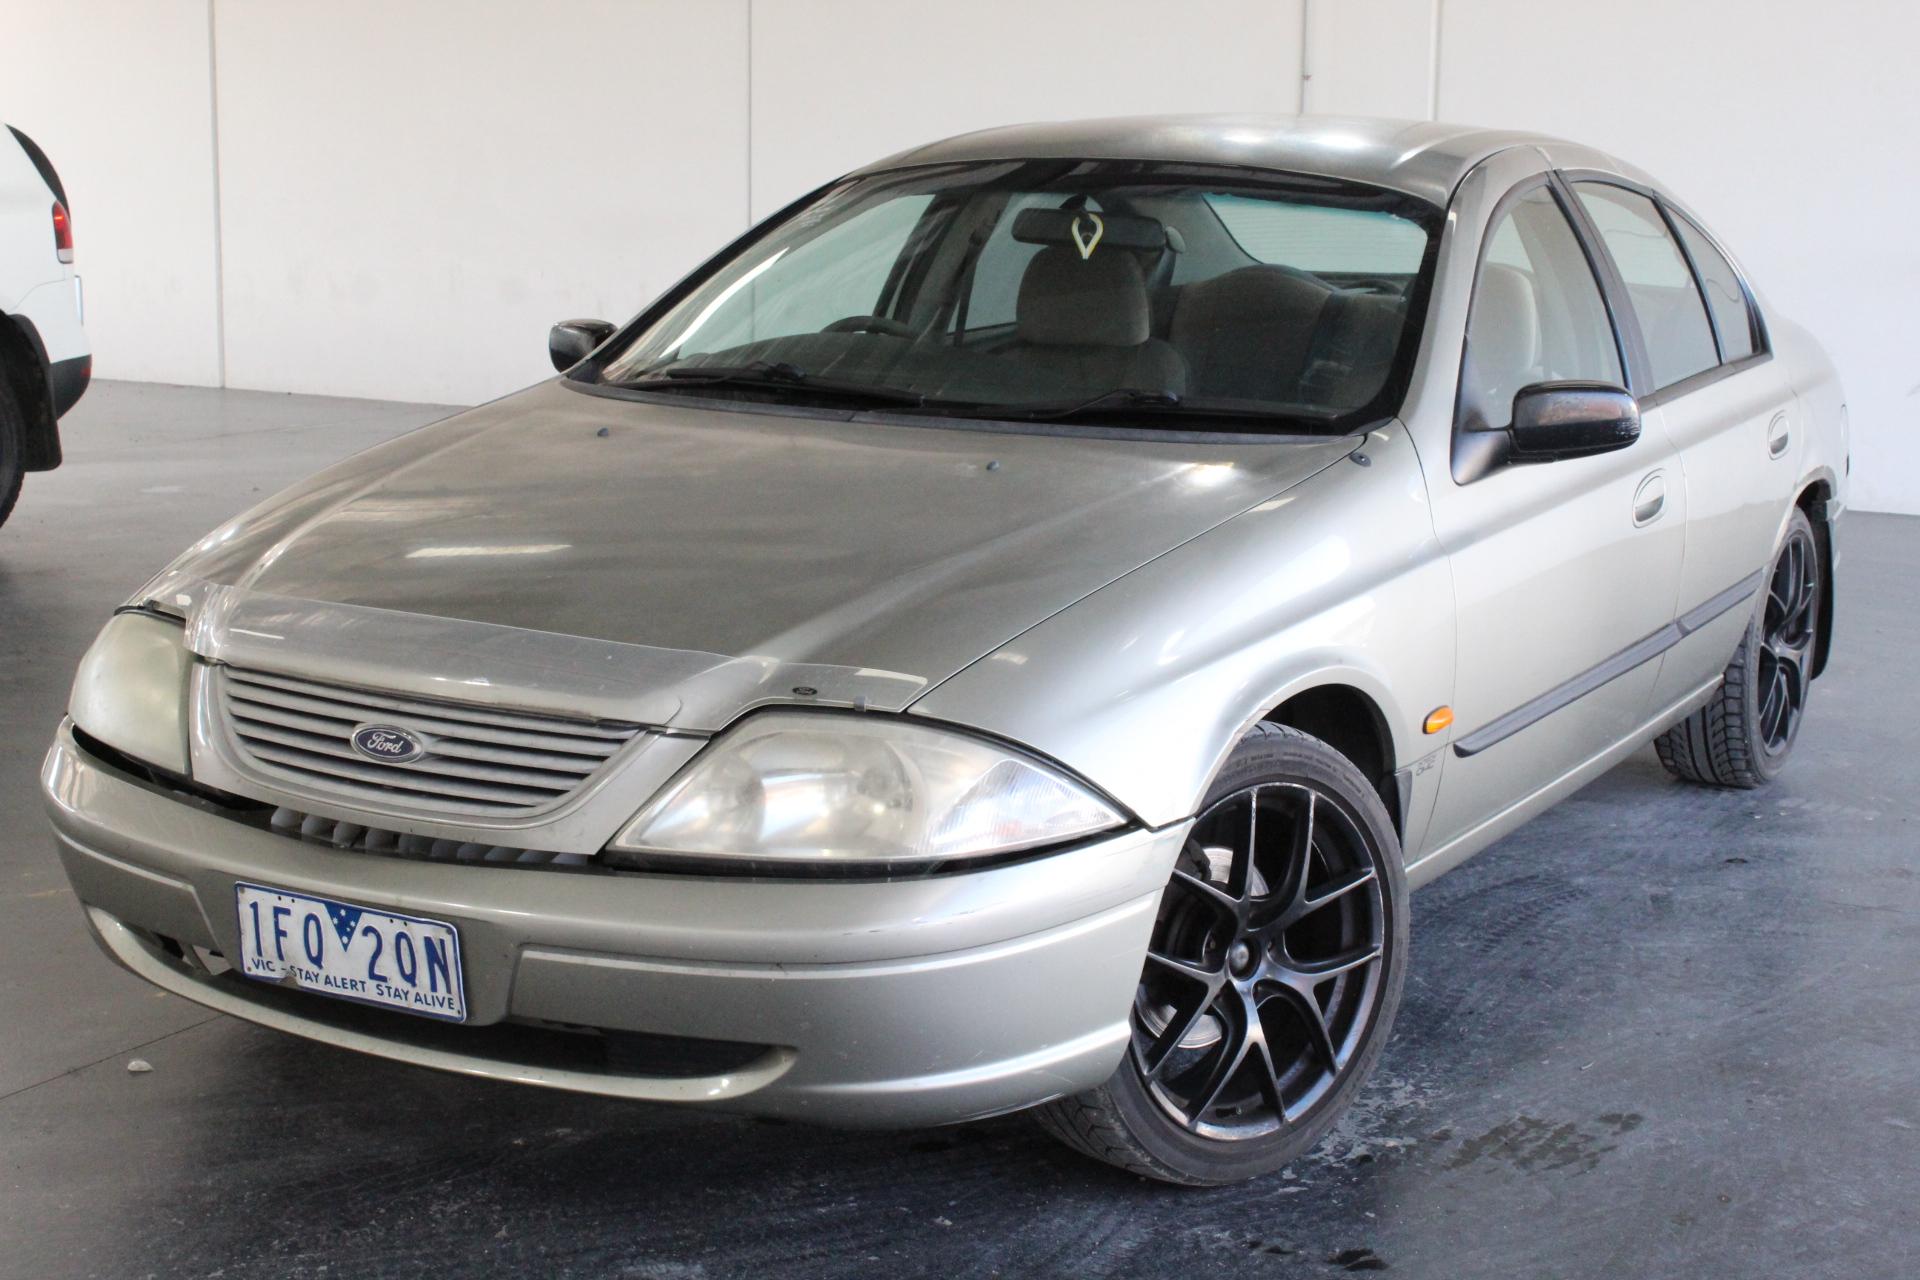 2000 Ford Falcon Forte AUII Automatic Sedan